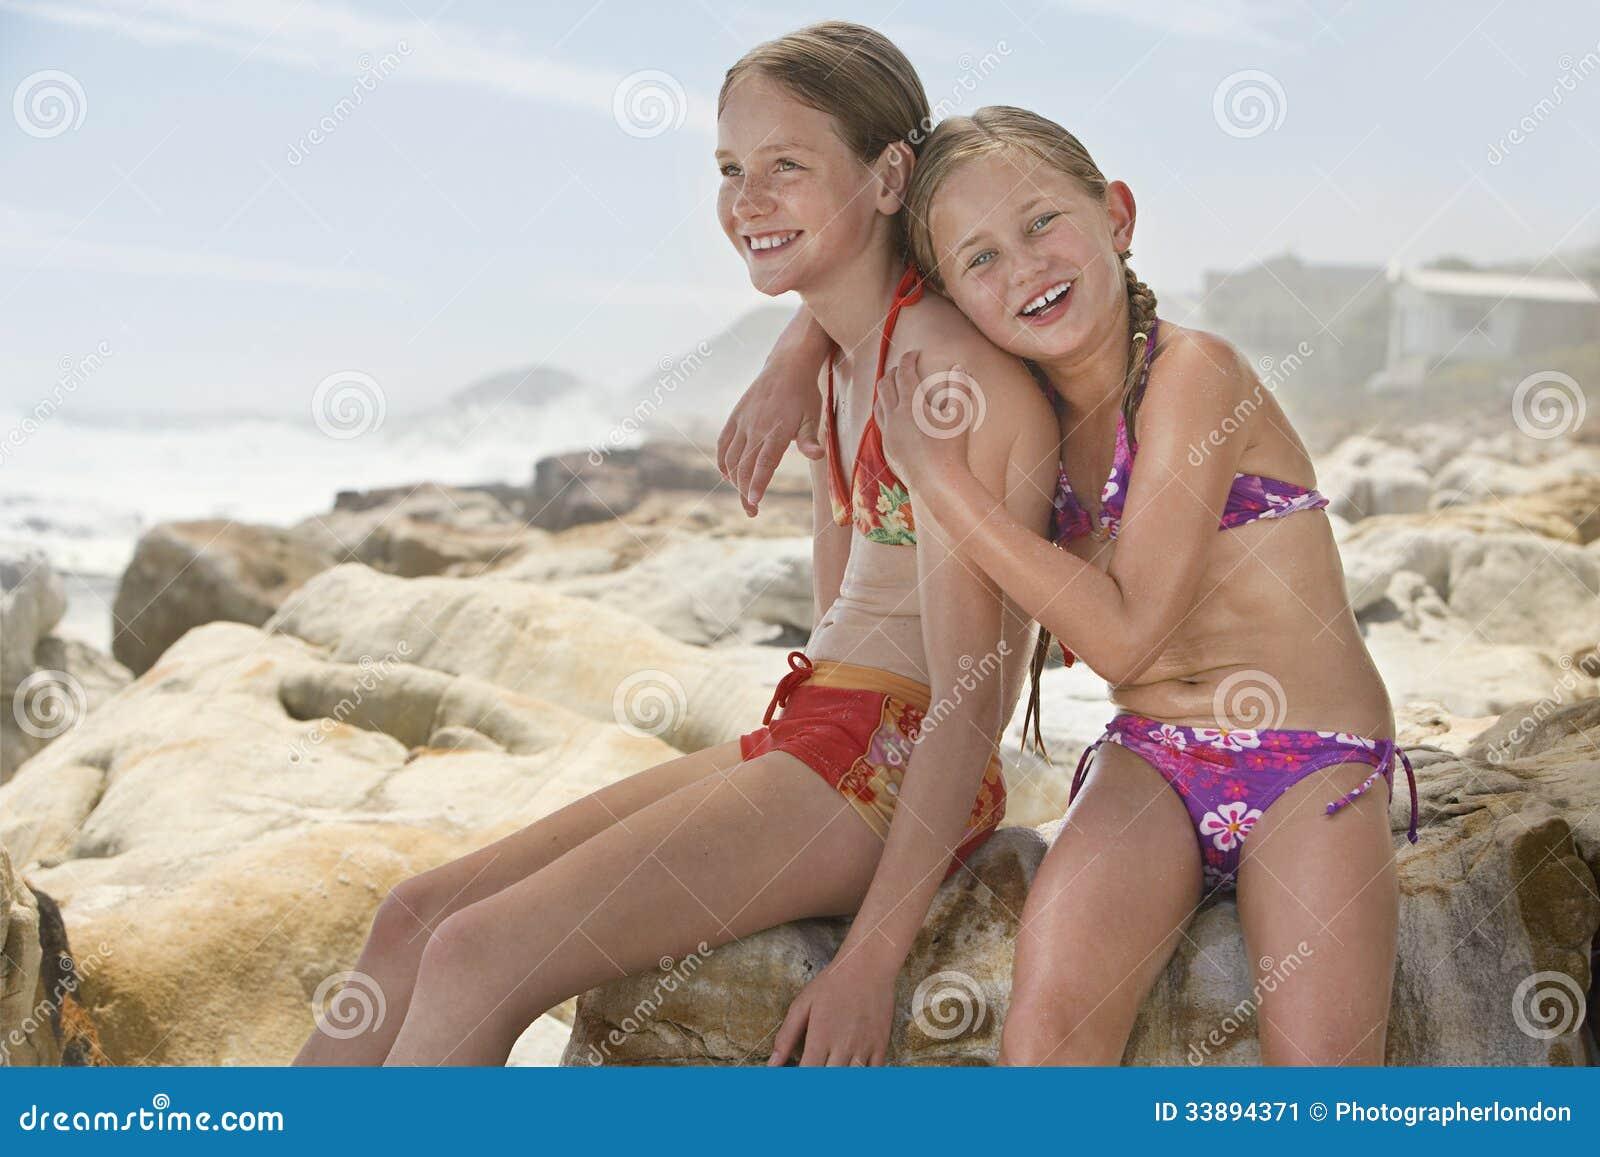 søde piger cams free